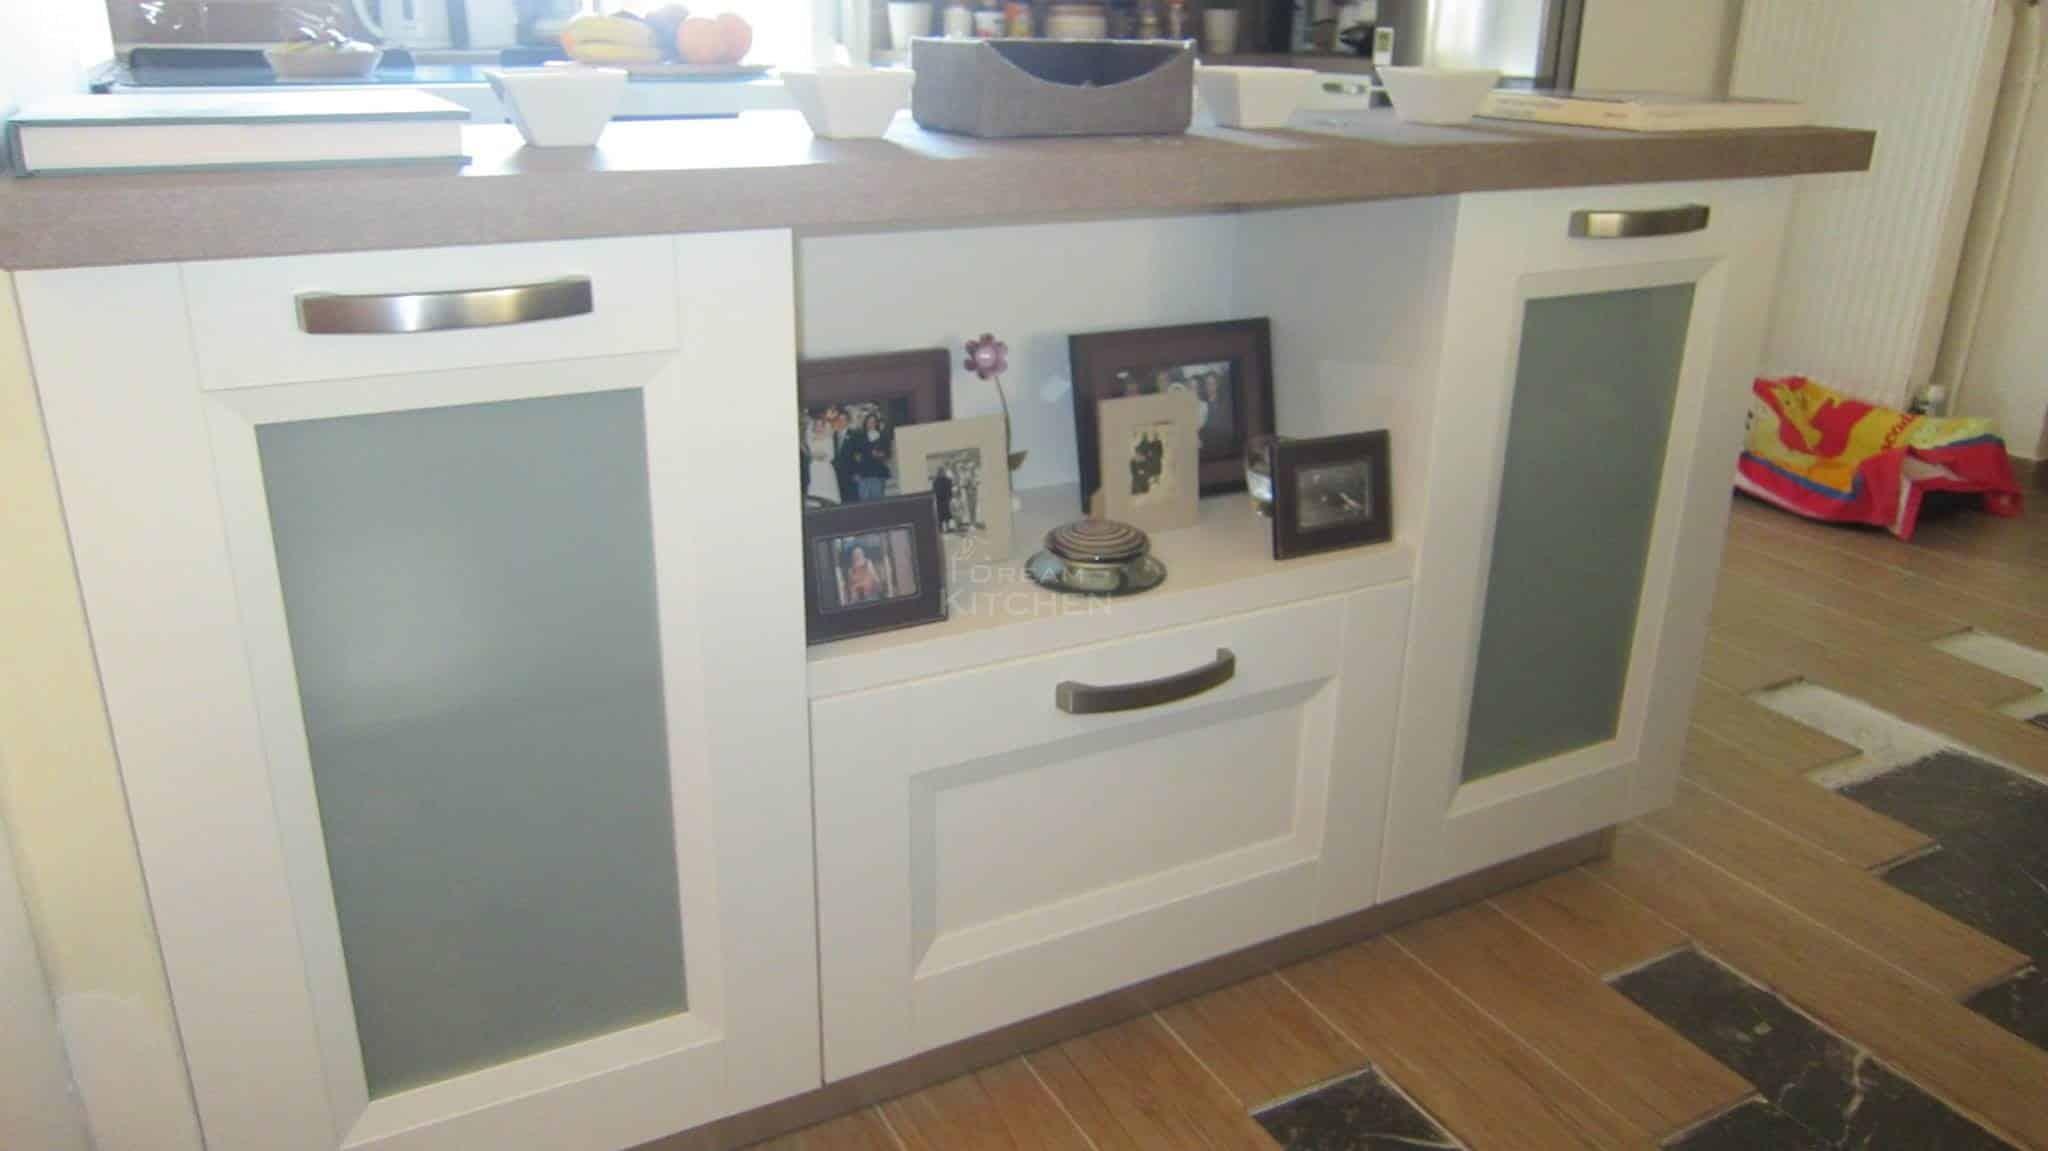 Κουζινα Πολυμερικο σε λευκο χρωματισμο 10